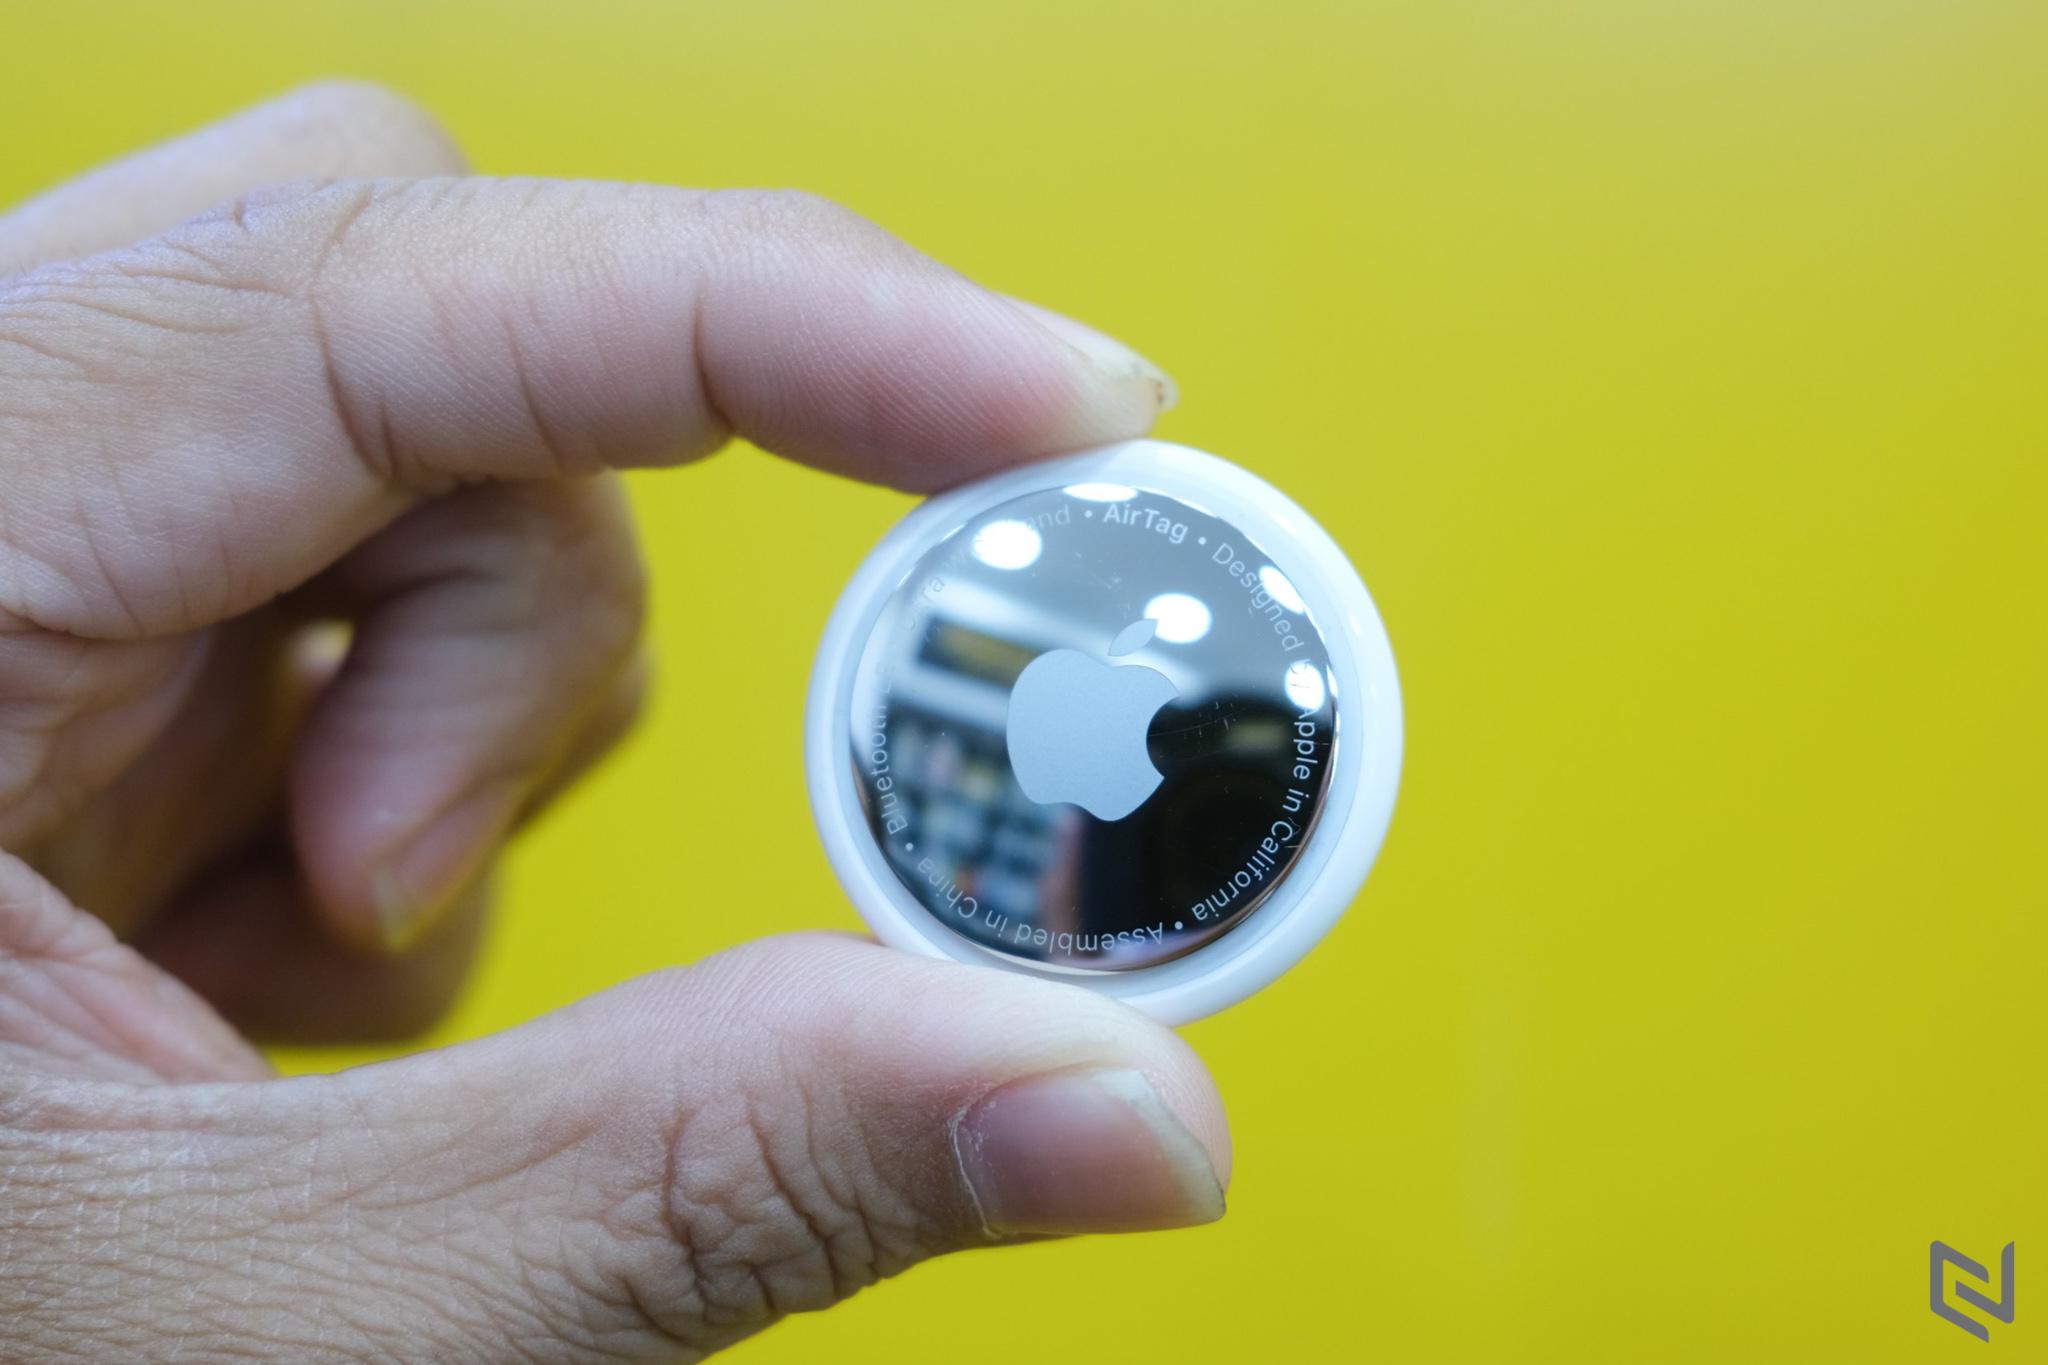 Trên tay phụ kiện Apple AirTag: Không nhỏ như tưởng tượng nhưng tìm đồ vật chính xác